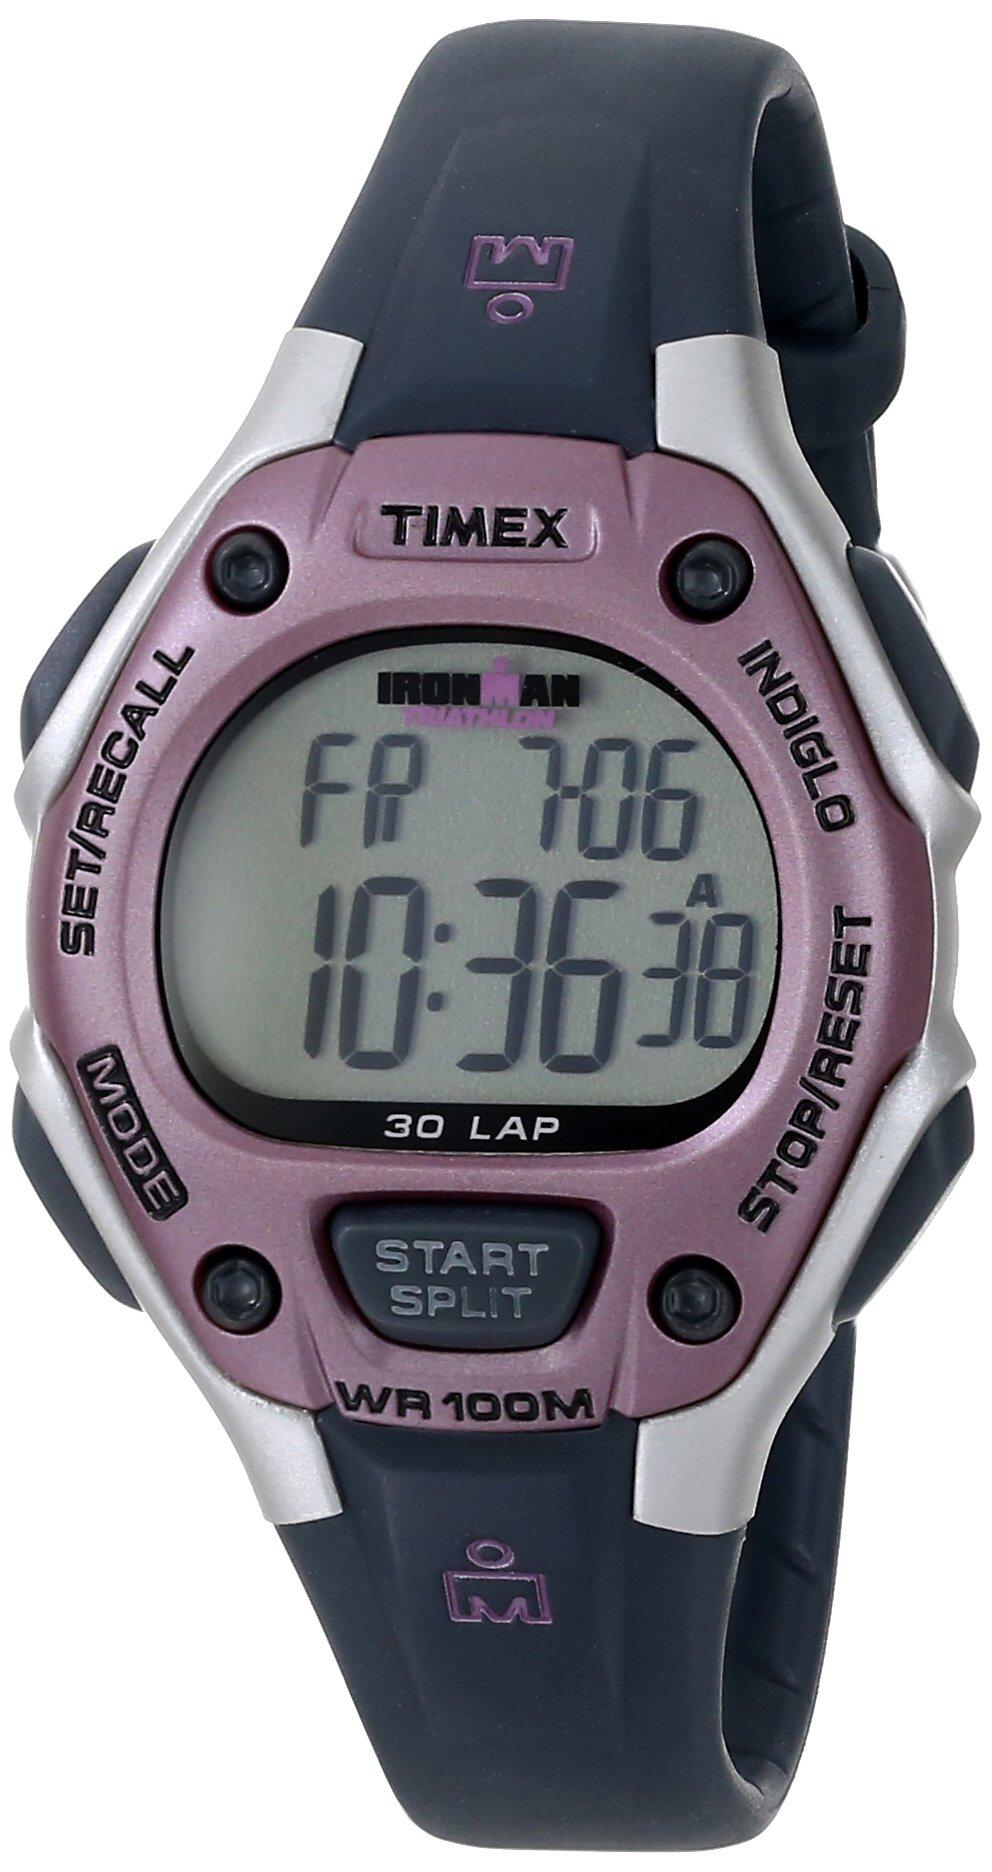 Timex Women's Ironman 30-Lap Digital Quartz Mid-Size Watch, Gray/Pink - T5K020